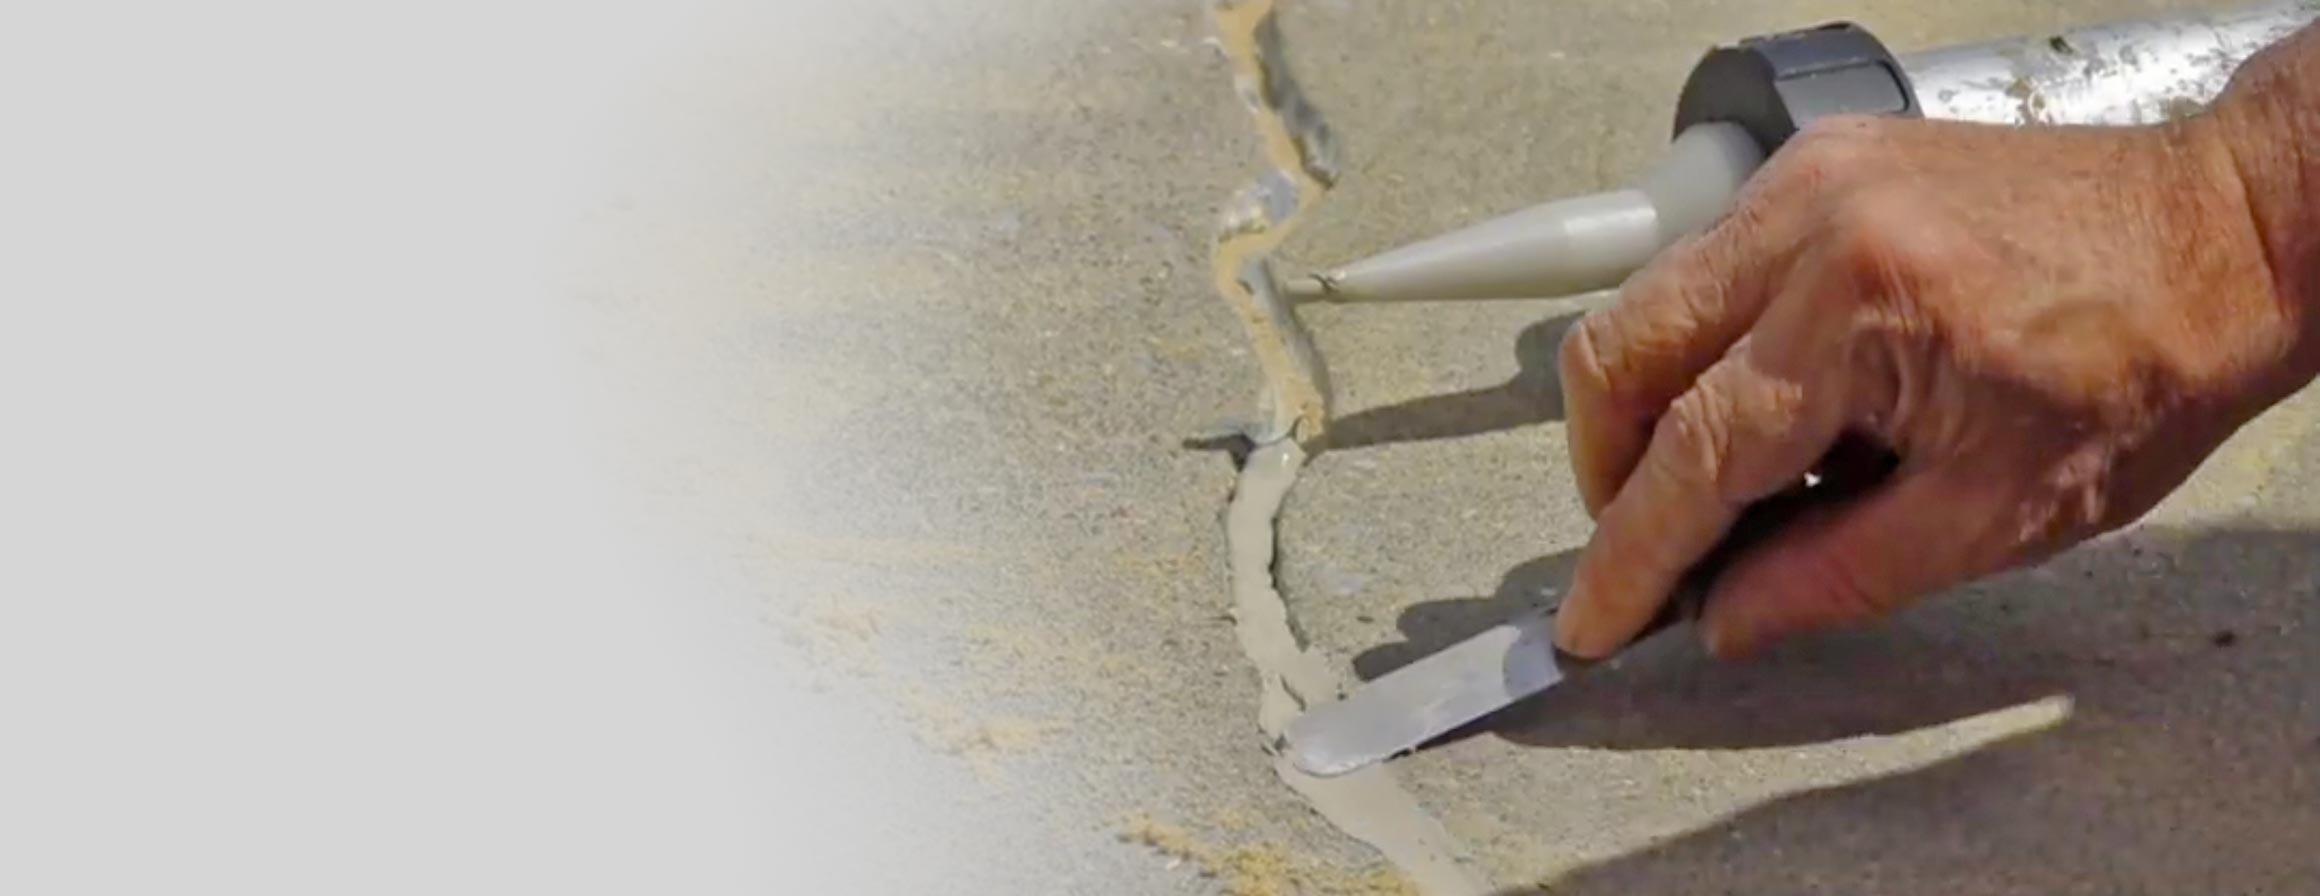 Crack repair for driveways